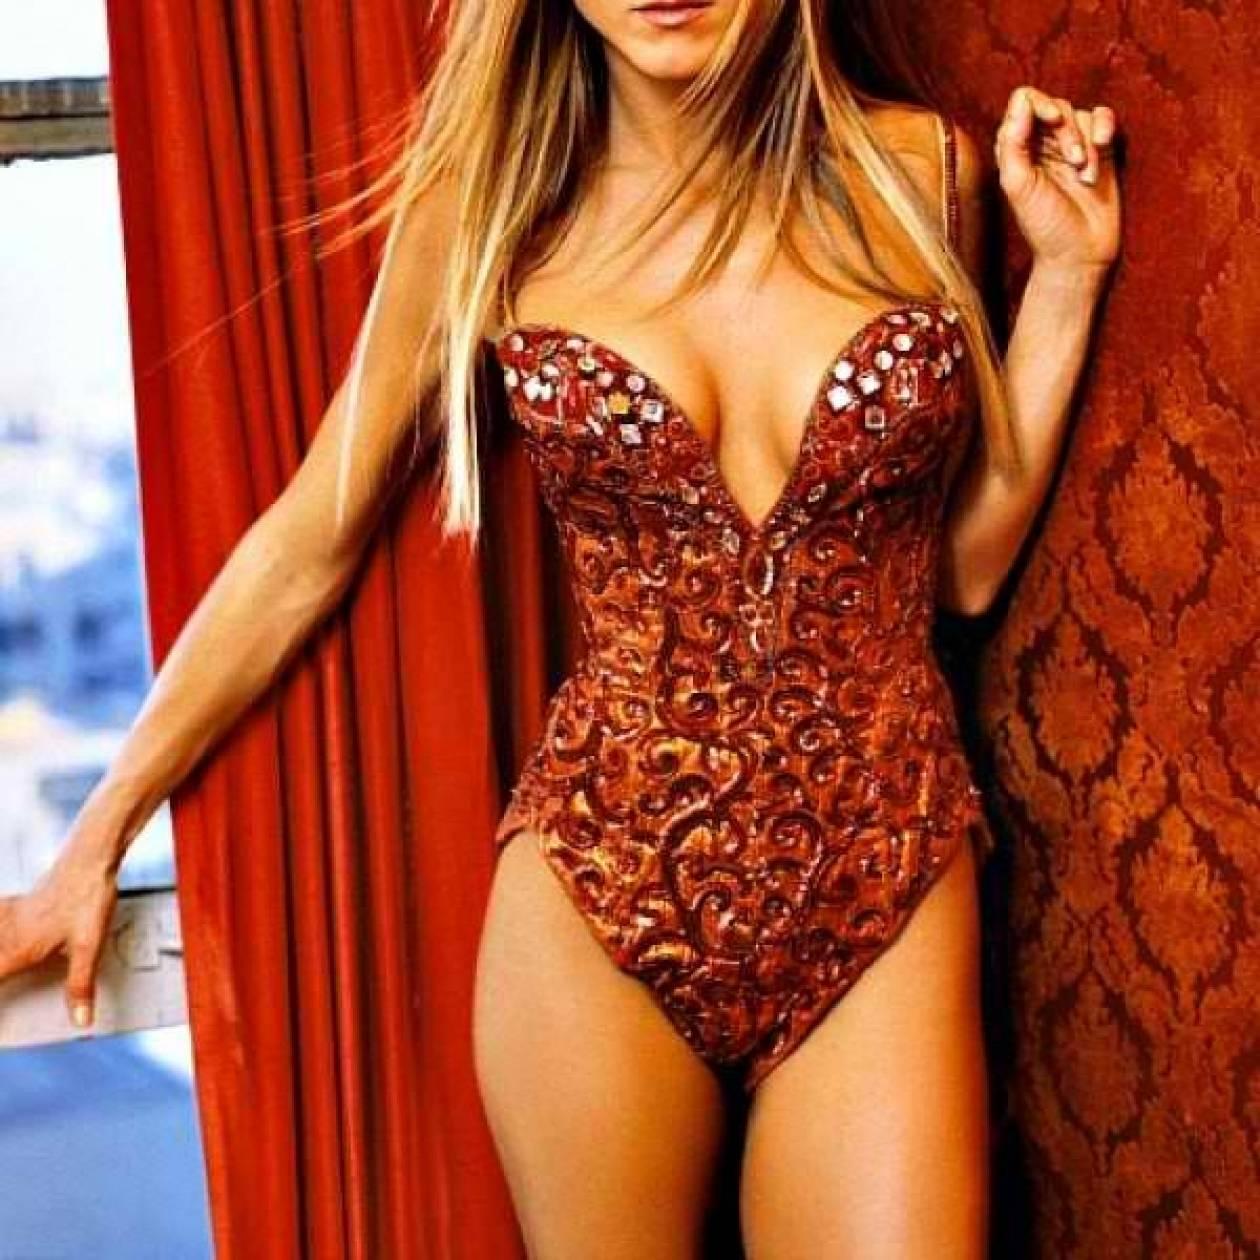 Ποια super star μόλις έκλεισε τα 45 της και δεν χαίρεται καθόλου;